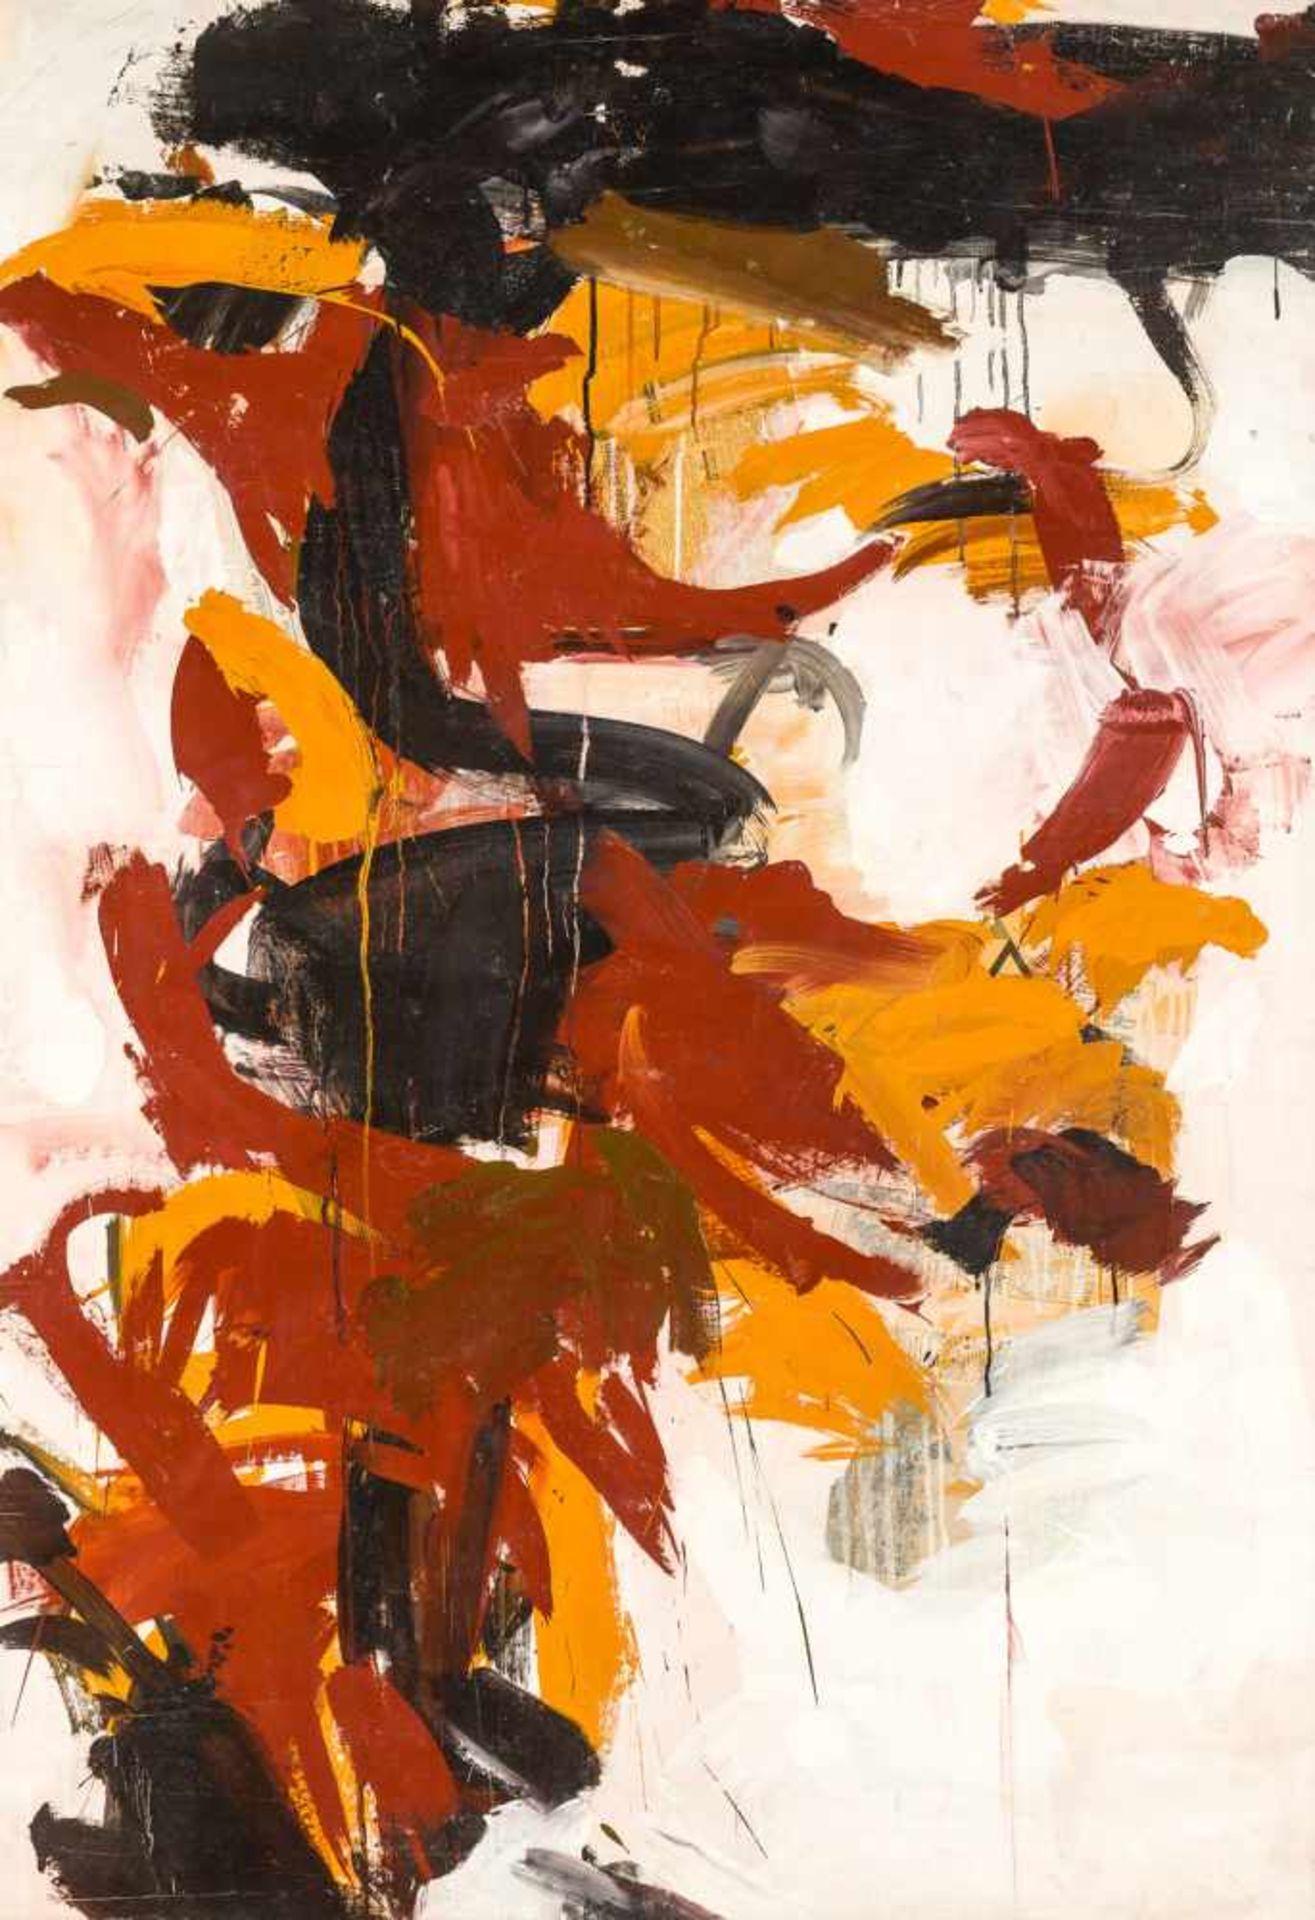 Los 34 - Adolf Frohner * Groß-Inzersdorf 1934 - 2007 Wien Malerei Öl und Collage (Zeitungen) auf Molino 191,5